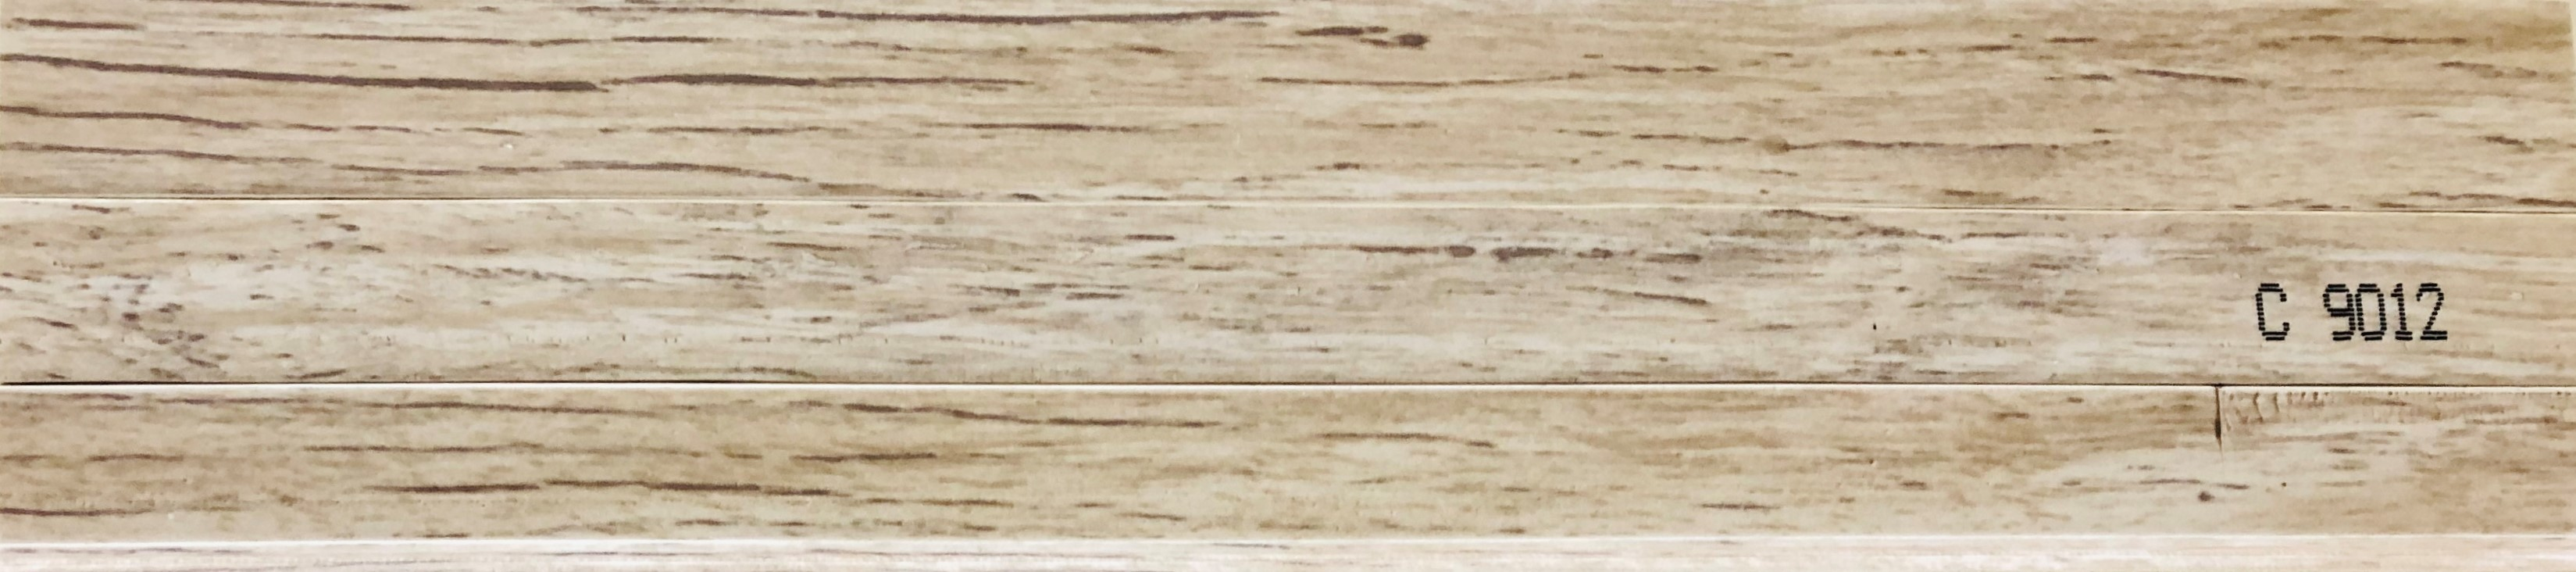 Lišta originál Rigid Vinyl Floor Dub bělený C9012